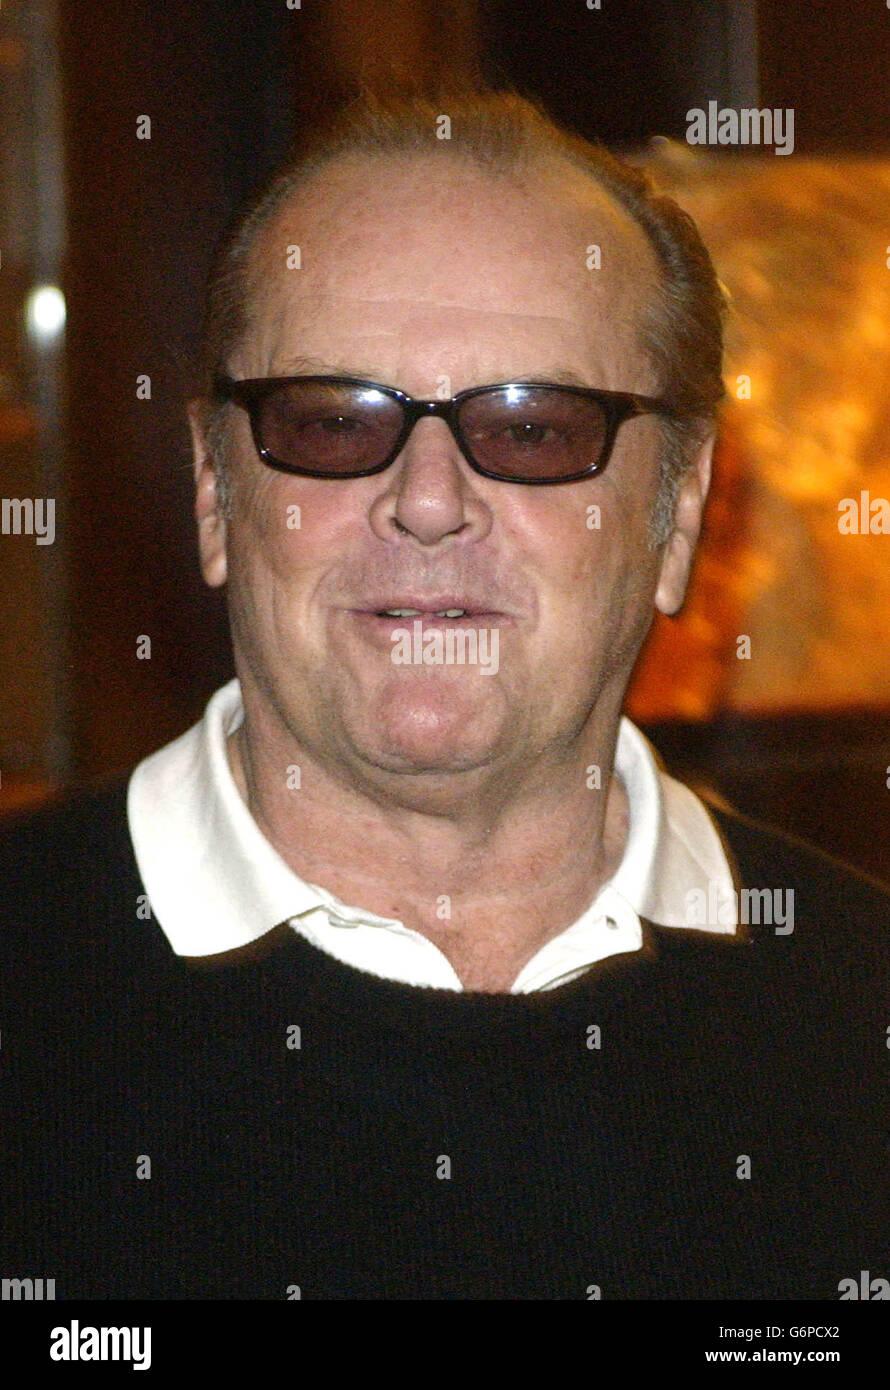 Jack Nicholson Something's Gotta Give - Stock Image